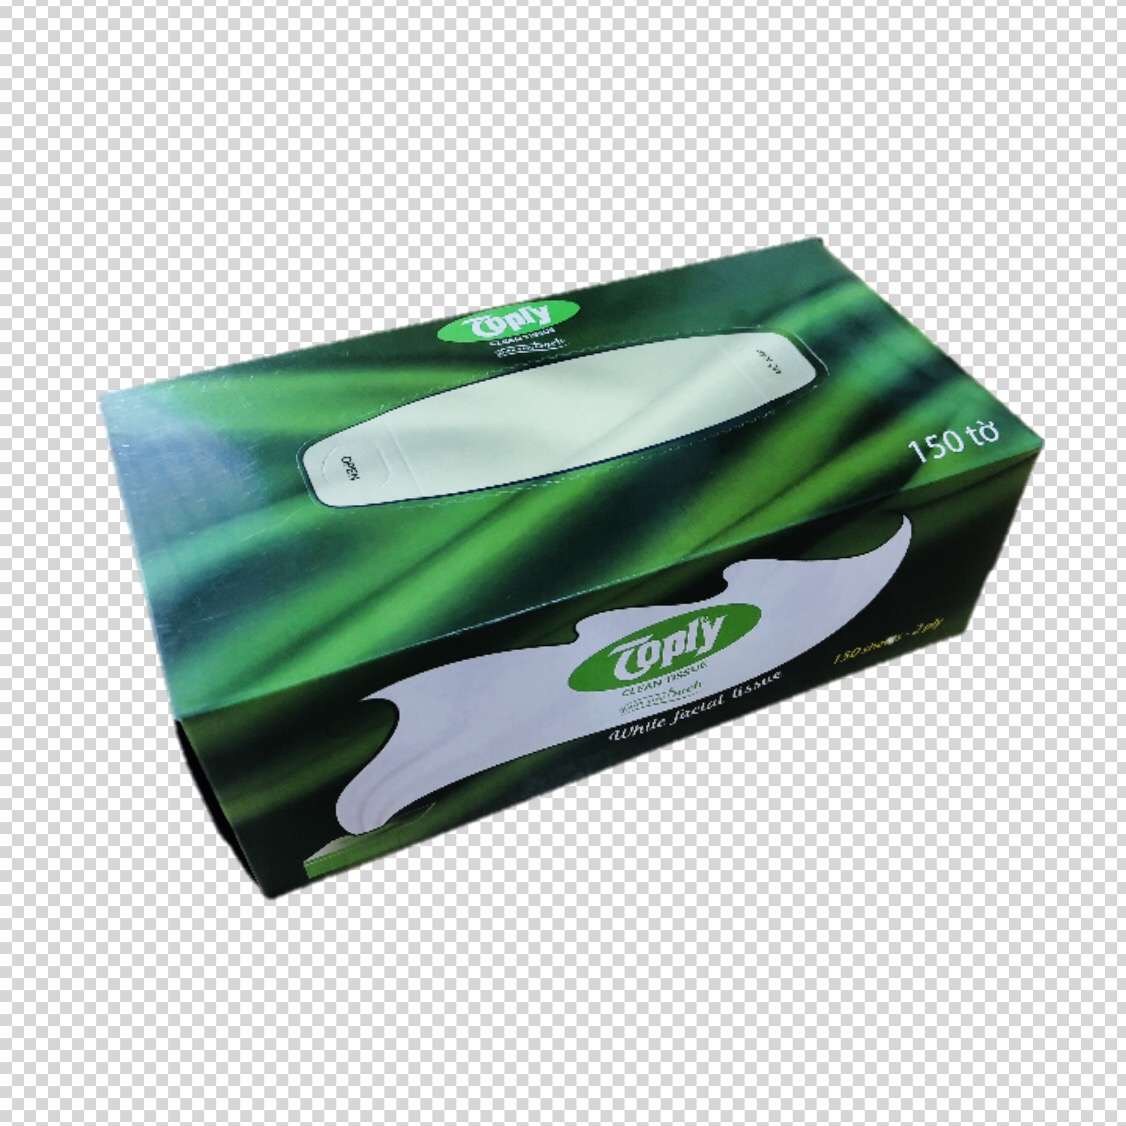 Khăn giấy hộp Toply 150 tờ